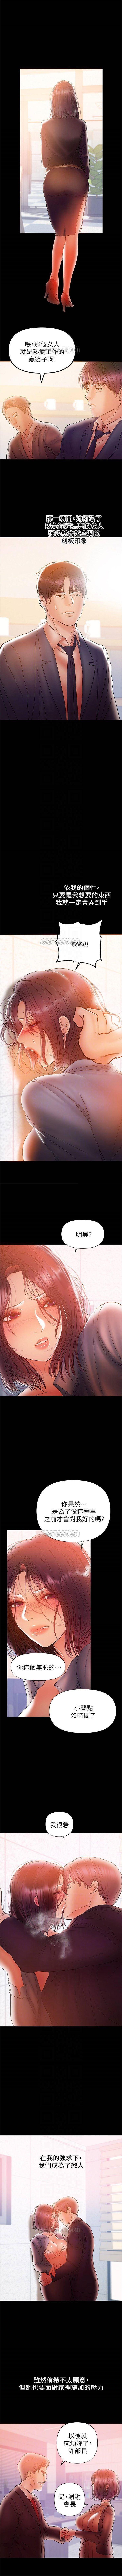 (週6)兼職奶媽 1-31 中文翻譯 (更新中) 187